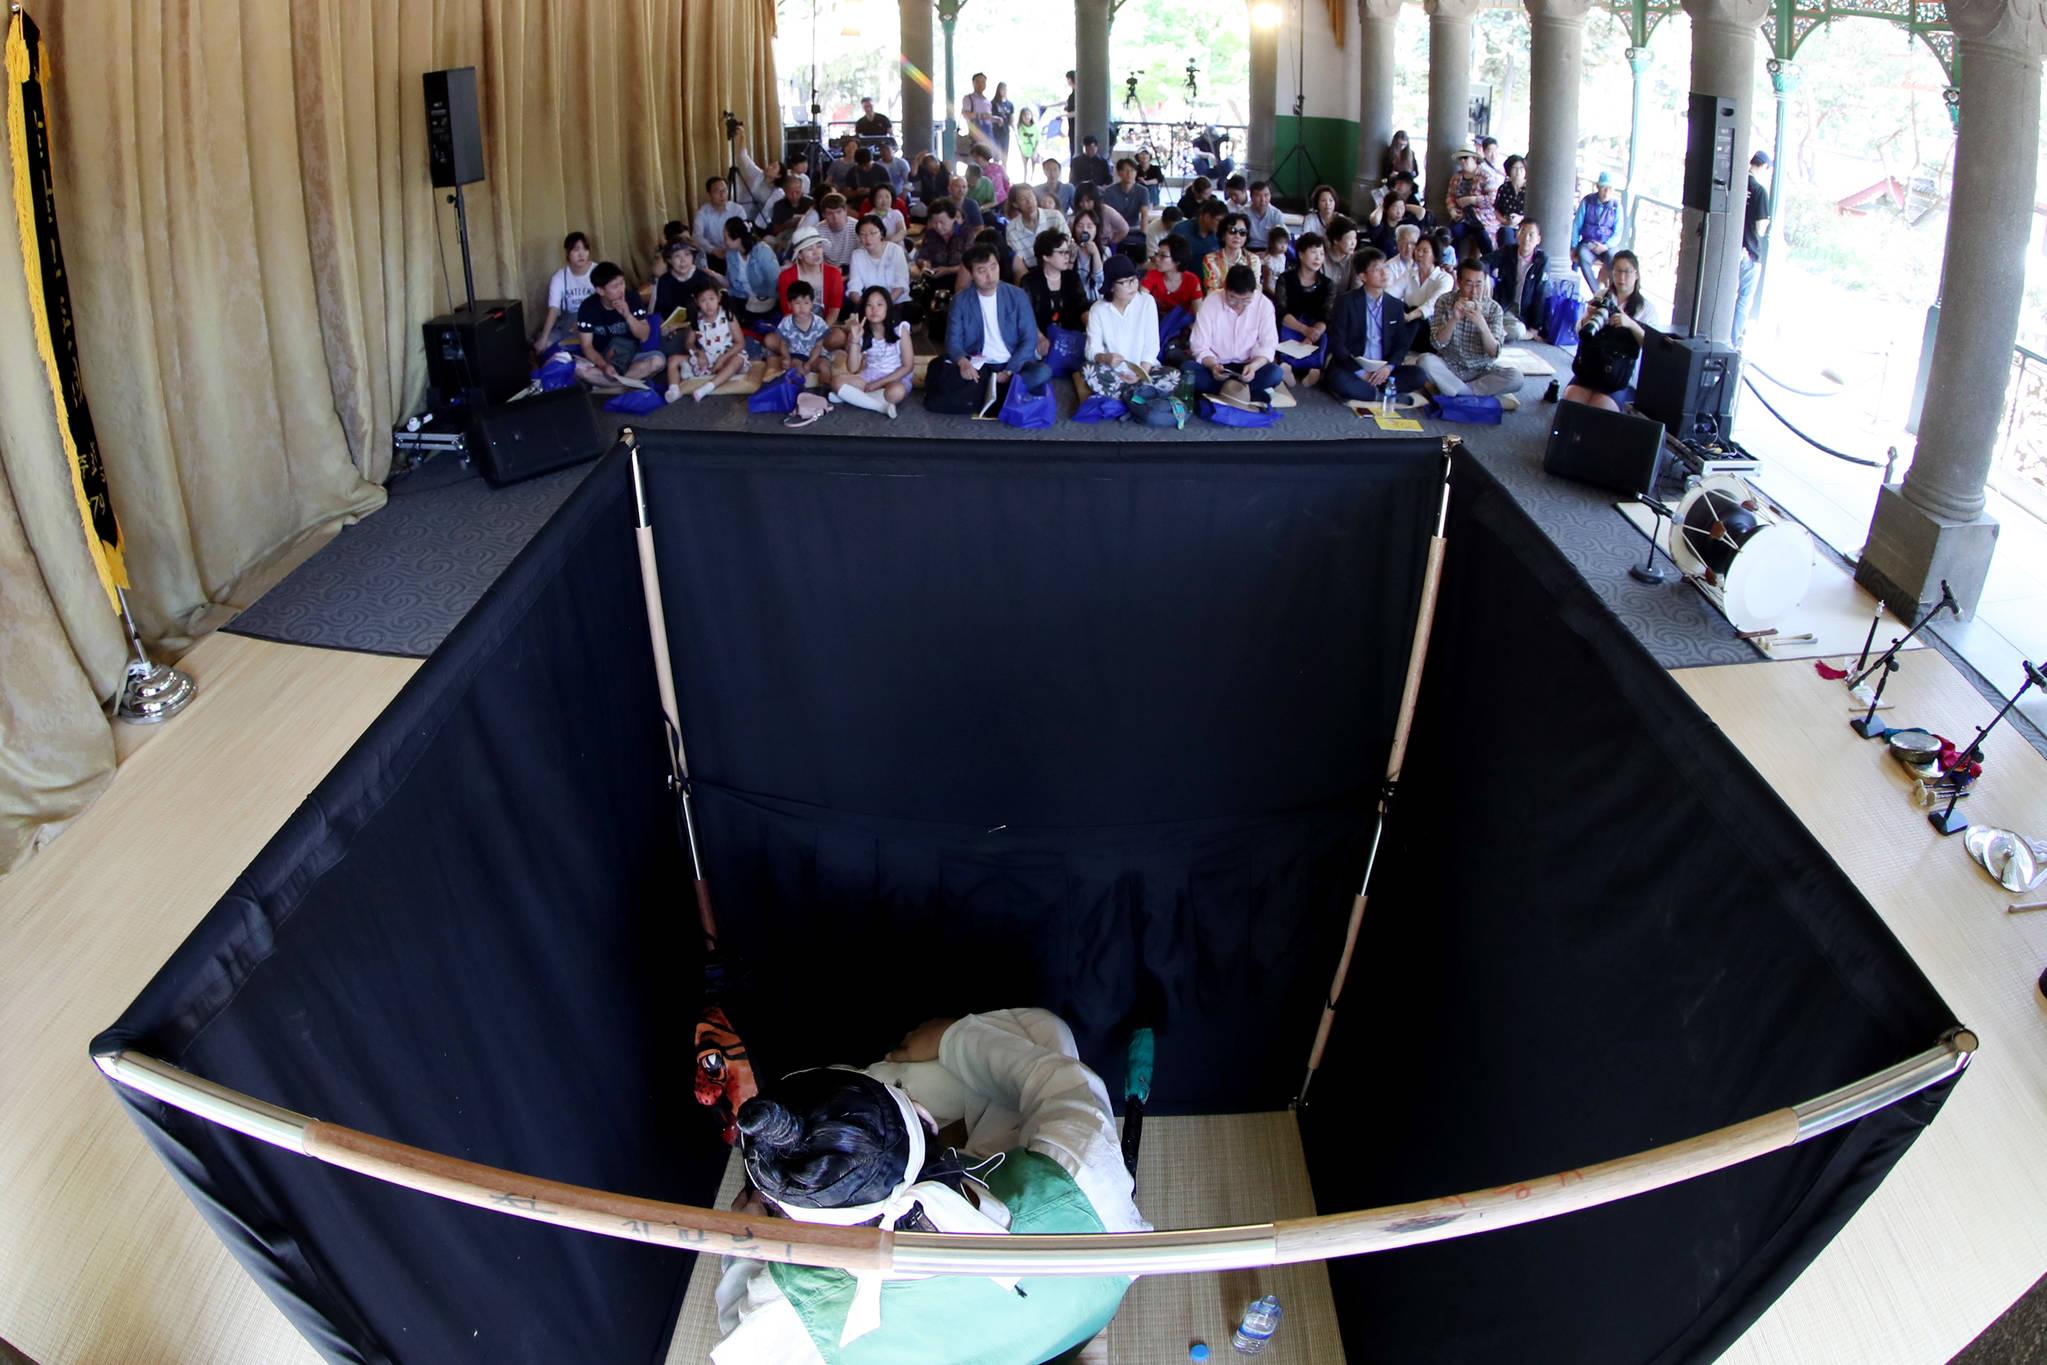 탈꾼은 검은색 천으로 가려진 좁은 공간에서 탈과 횟대를 움직인다.